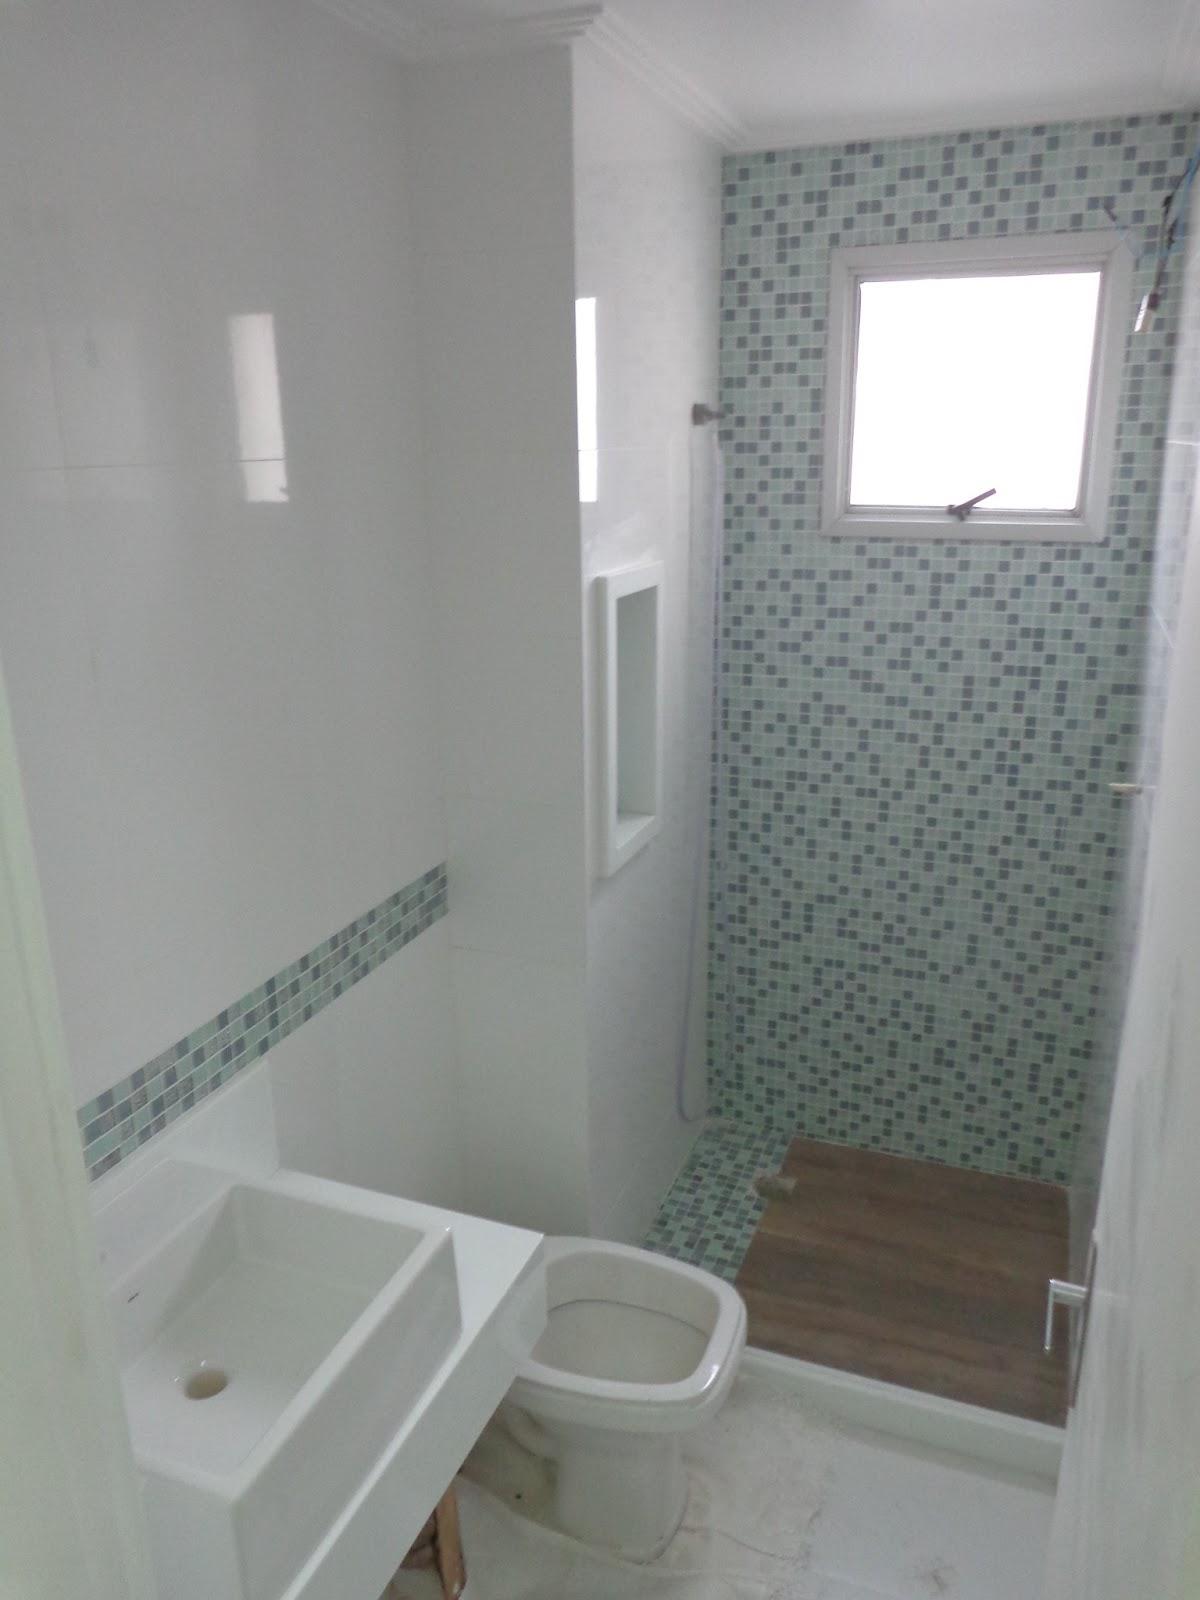 Ap Nosso: Granito na Cozinha e Nanoglass no Banheiro #594F45 1200 1600